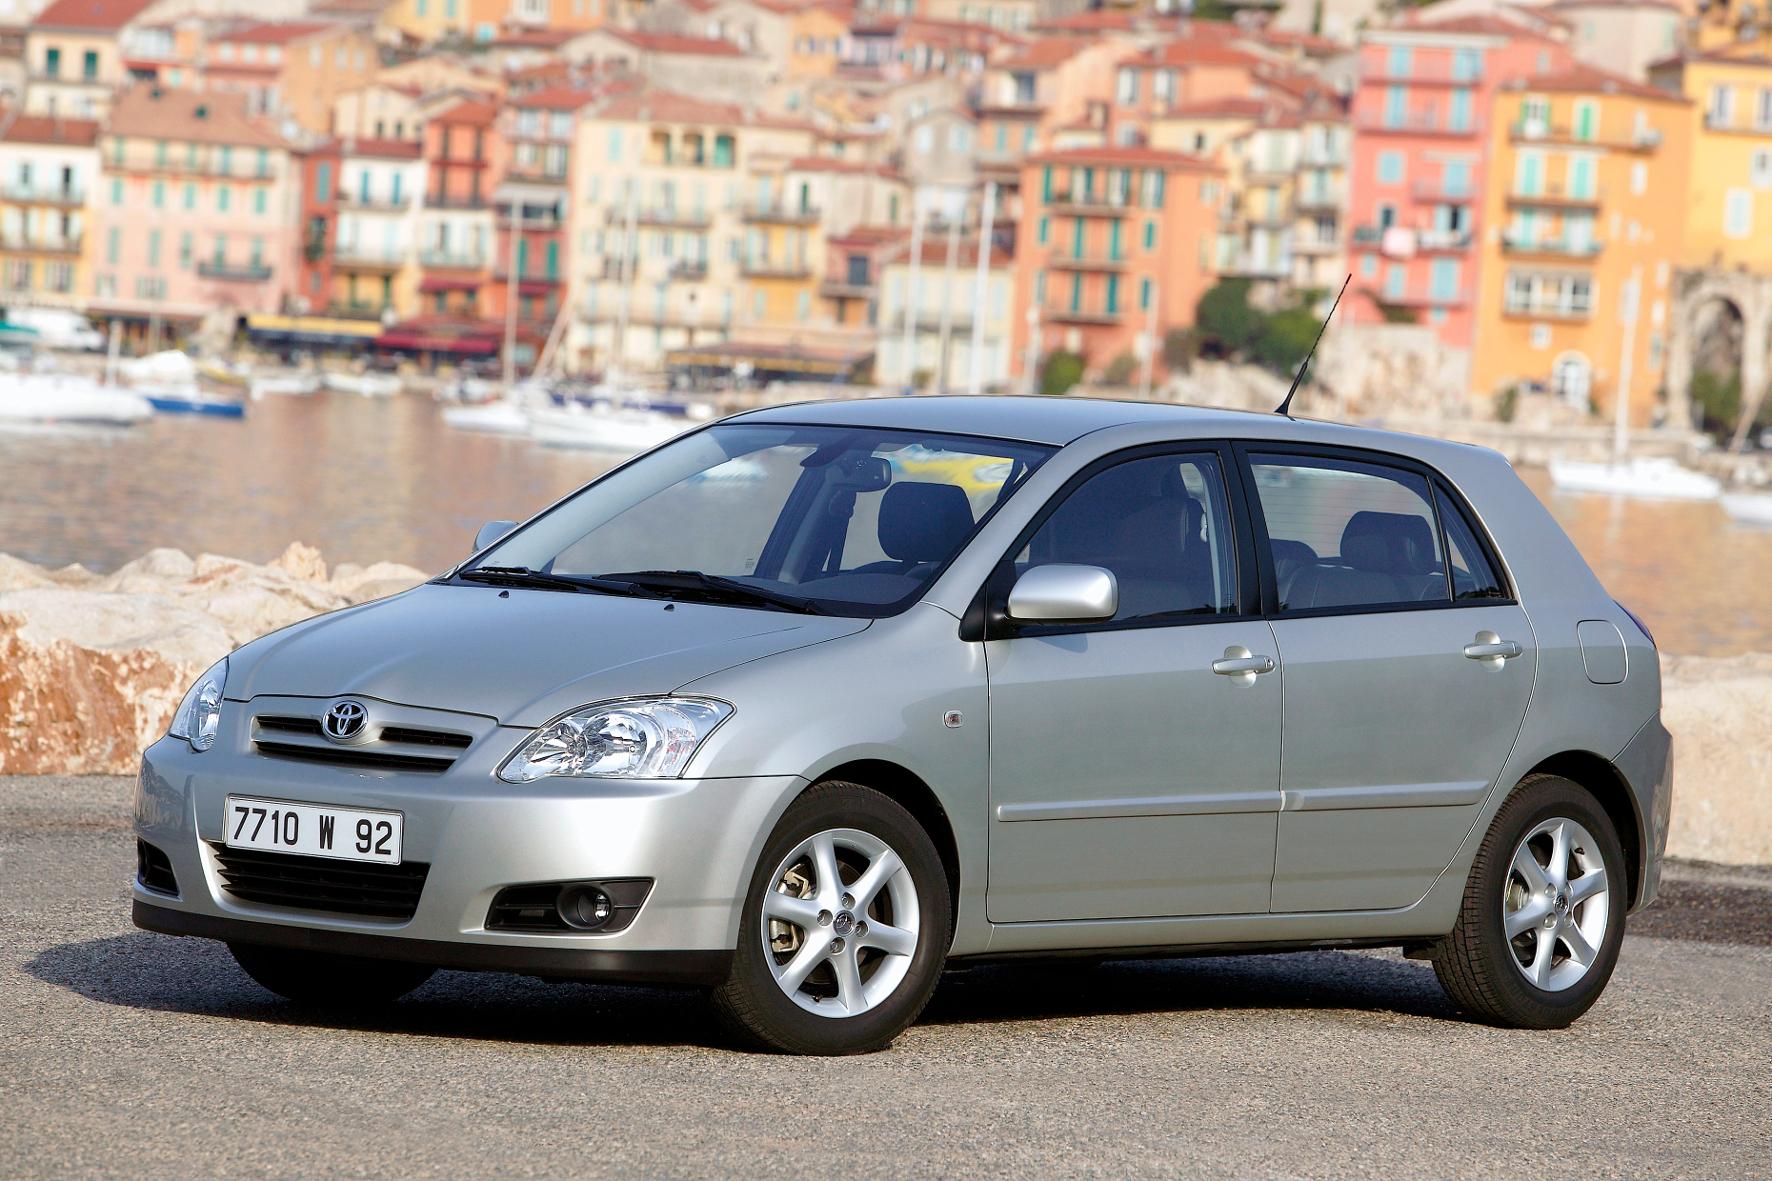 mid Groß-Gerau - Toyota startet einen Rückruf für Corollas der Baujahre 2002 und 2003 wegen fehlerhafter Airbags.